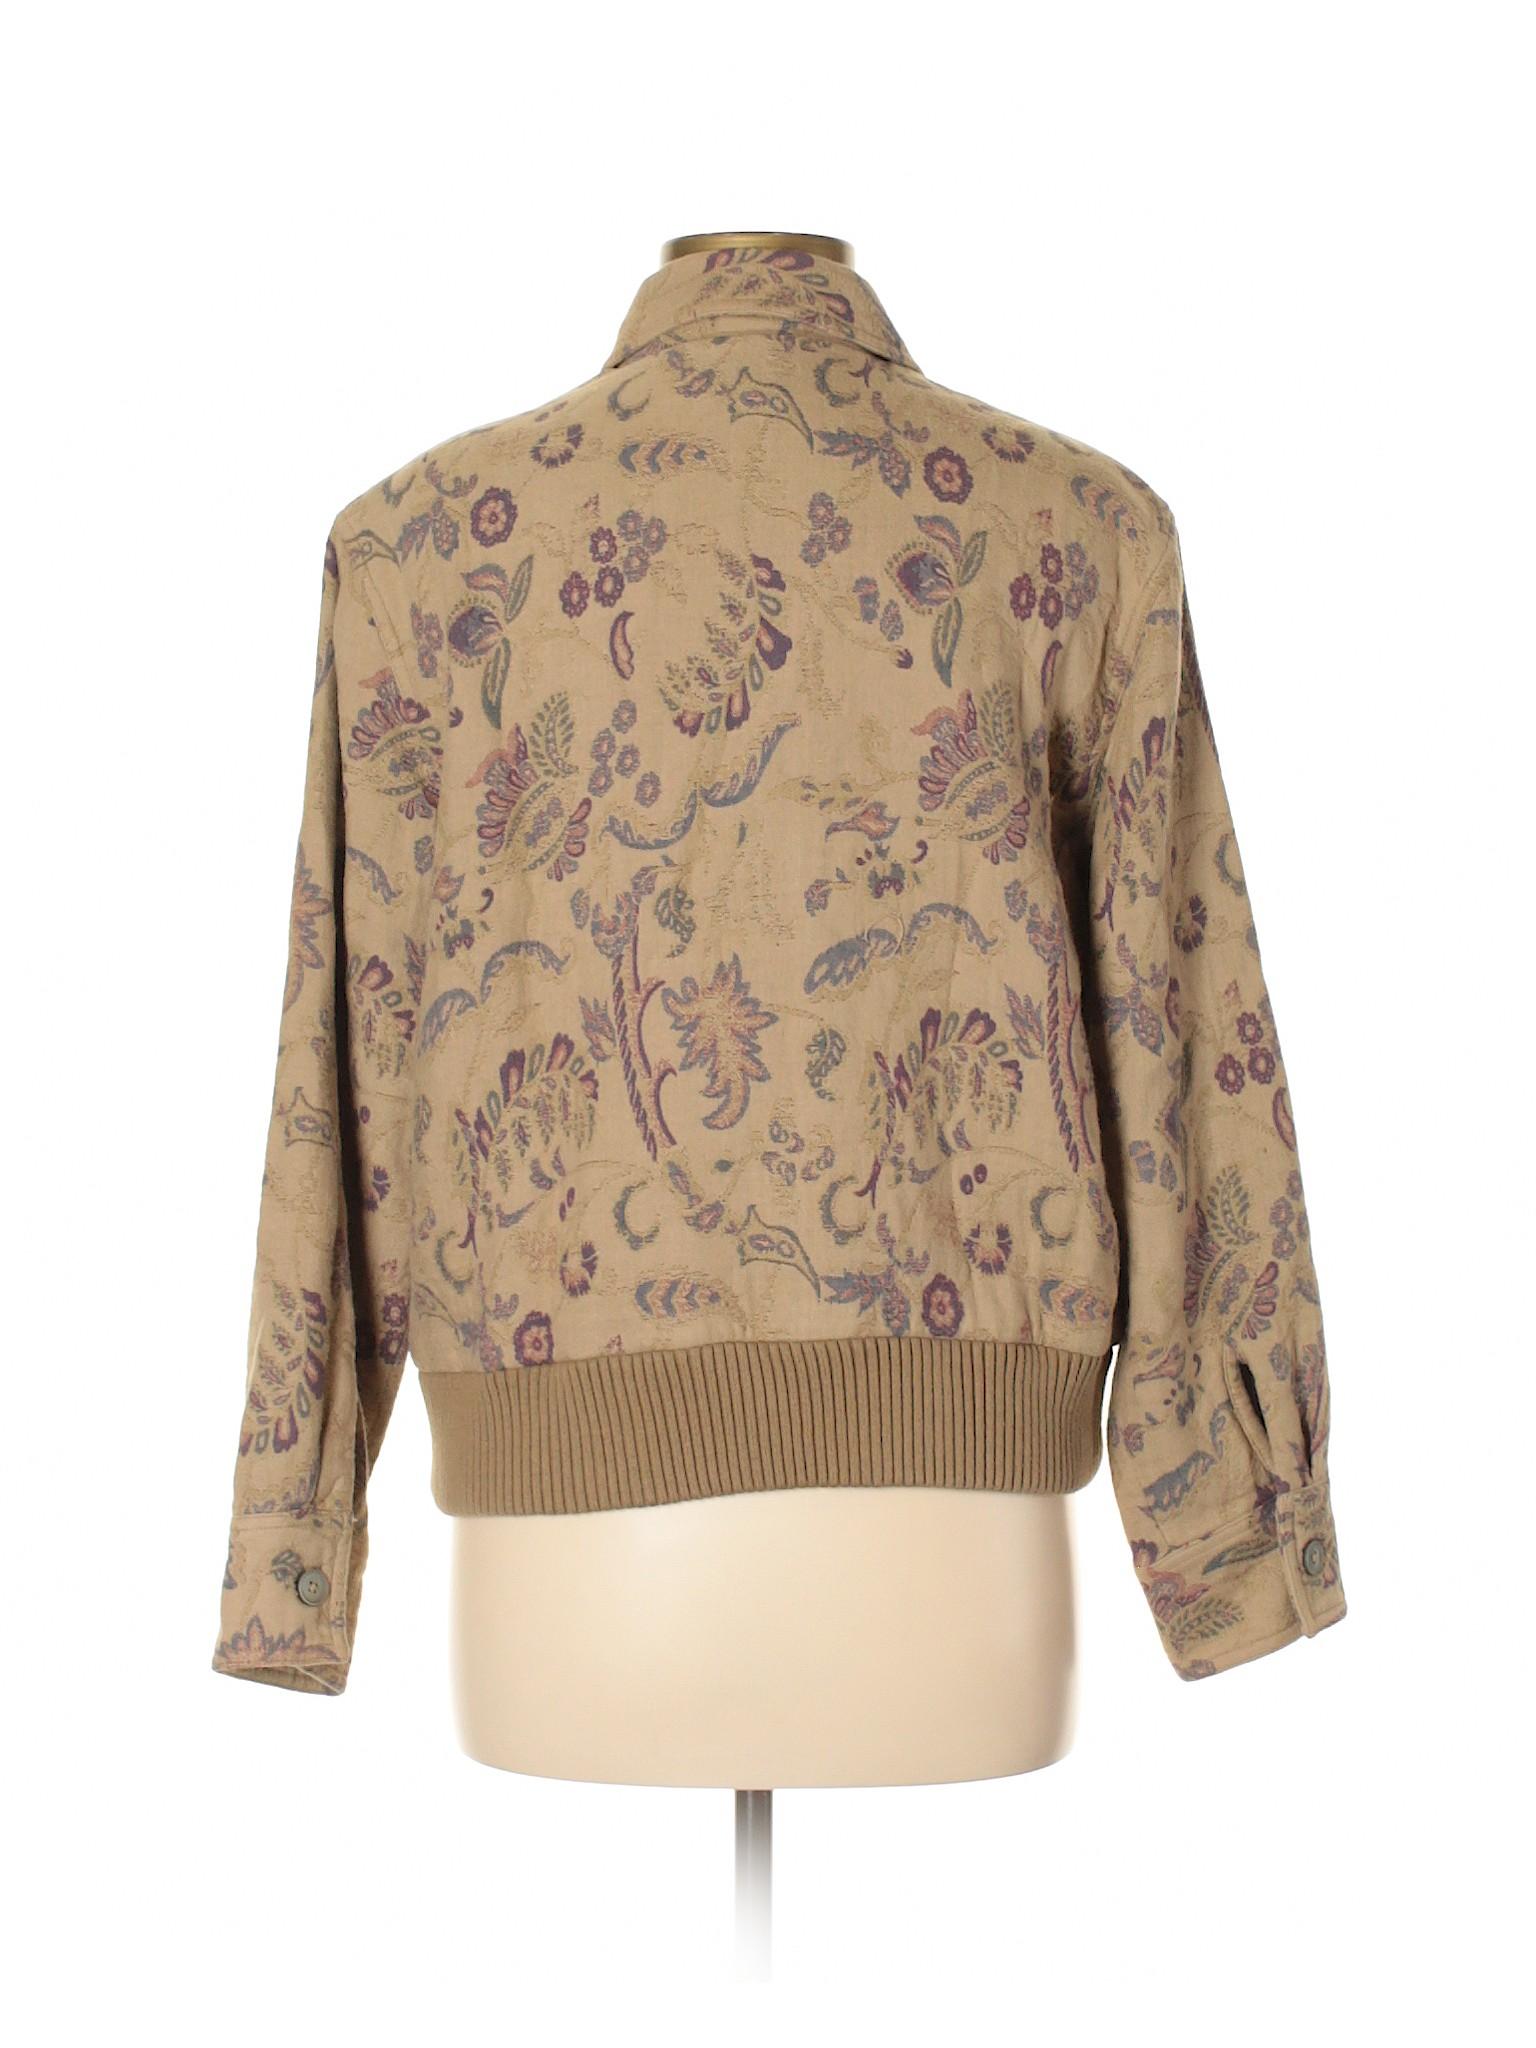 Jacket Jacket jill leisure jill J Jacket Boutique J leisure J Boutique jill Boutique leisure CXYnqpw